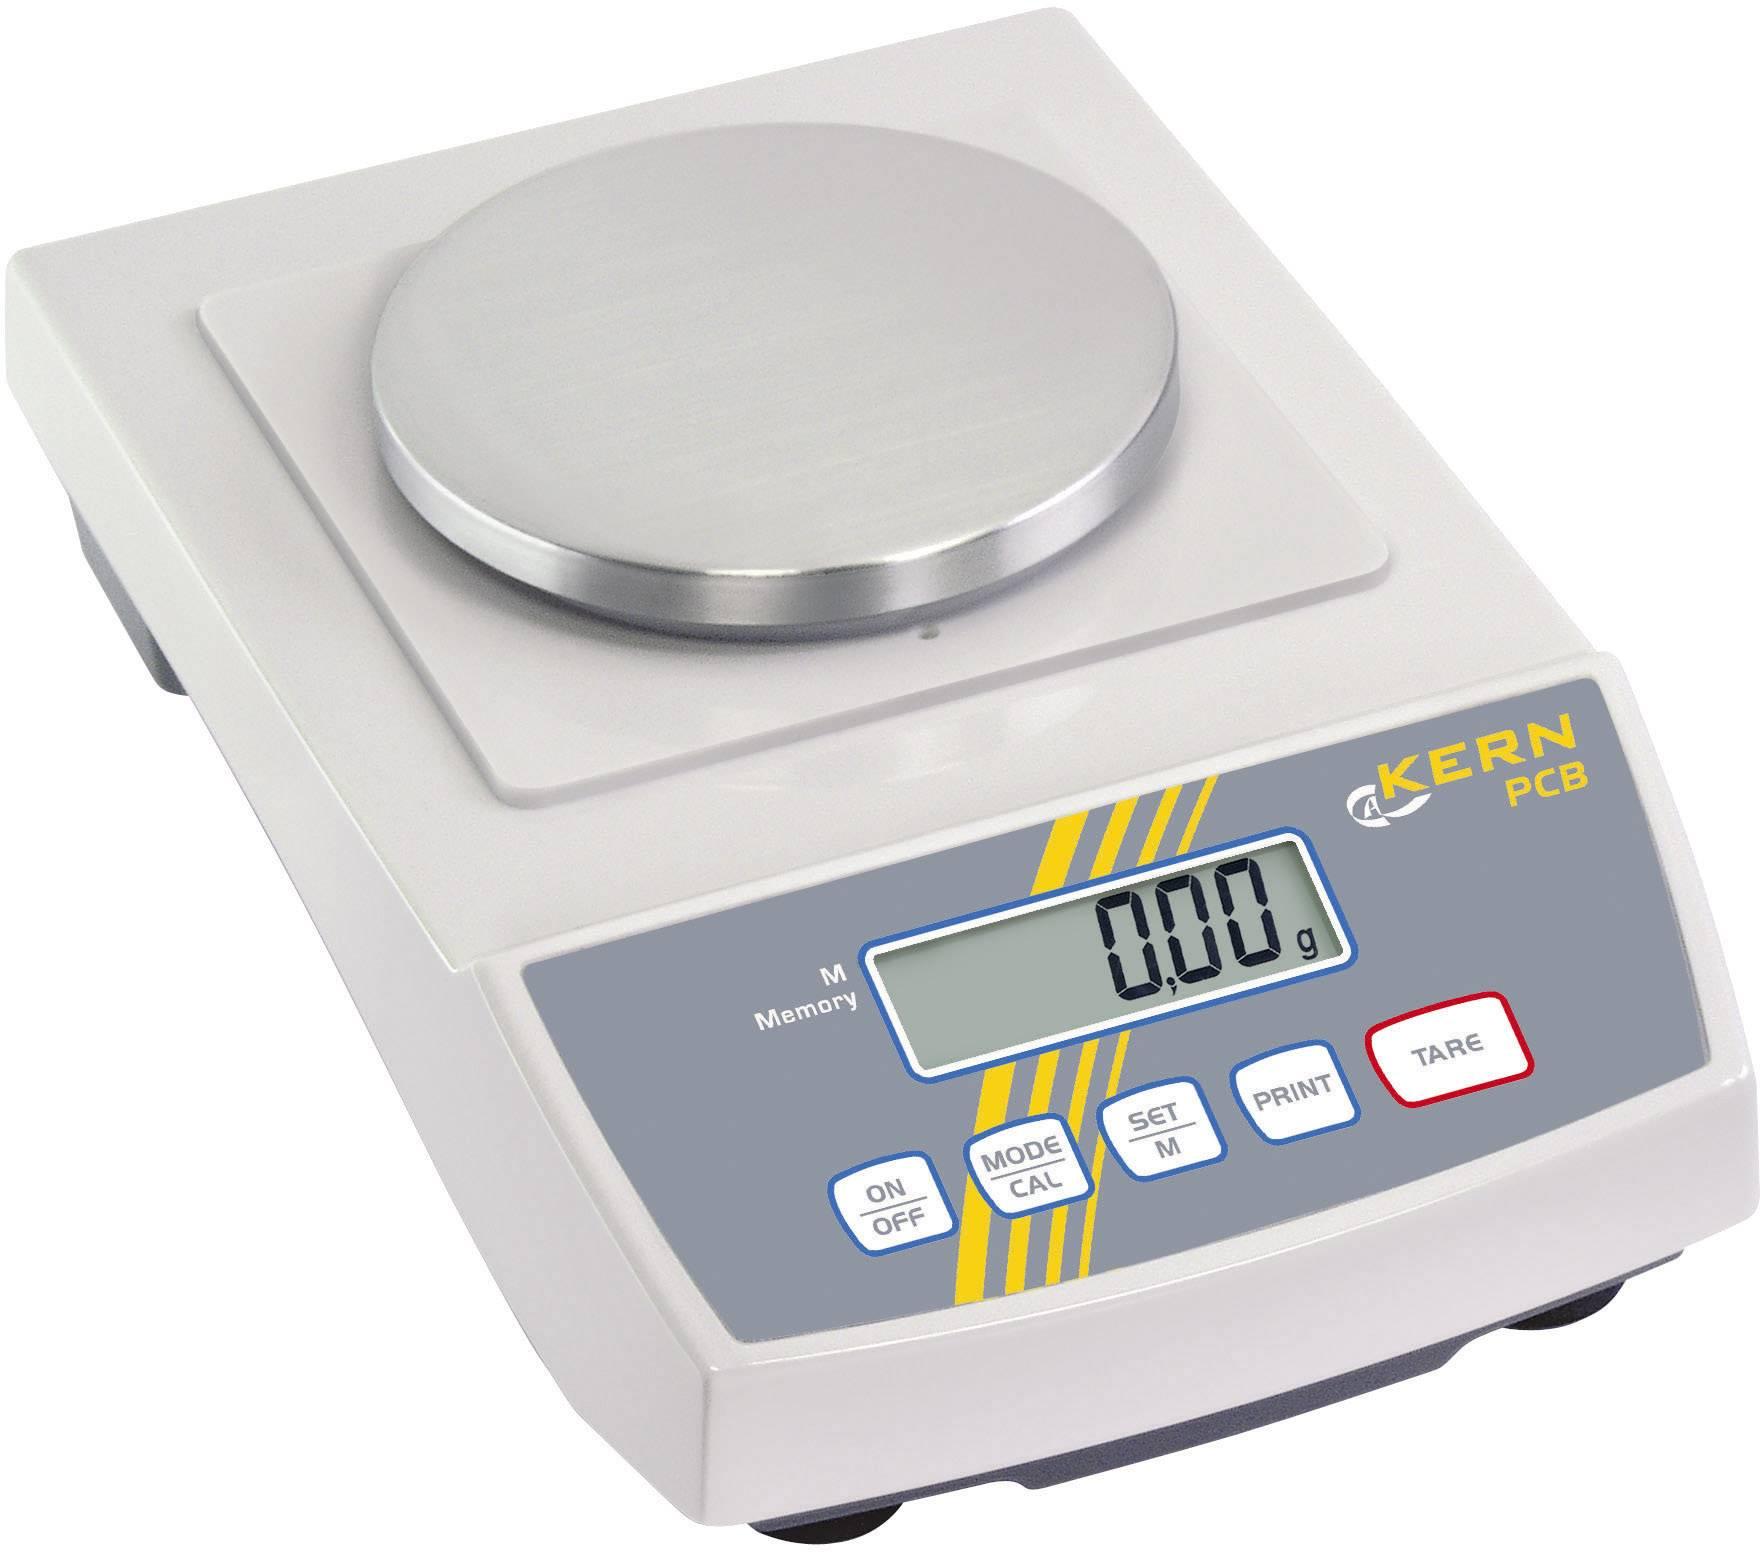 Přesná váha Kern PCB 200-2, rozlišení 0.01 g, max. váživost 200 g